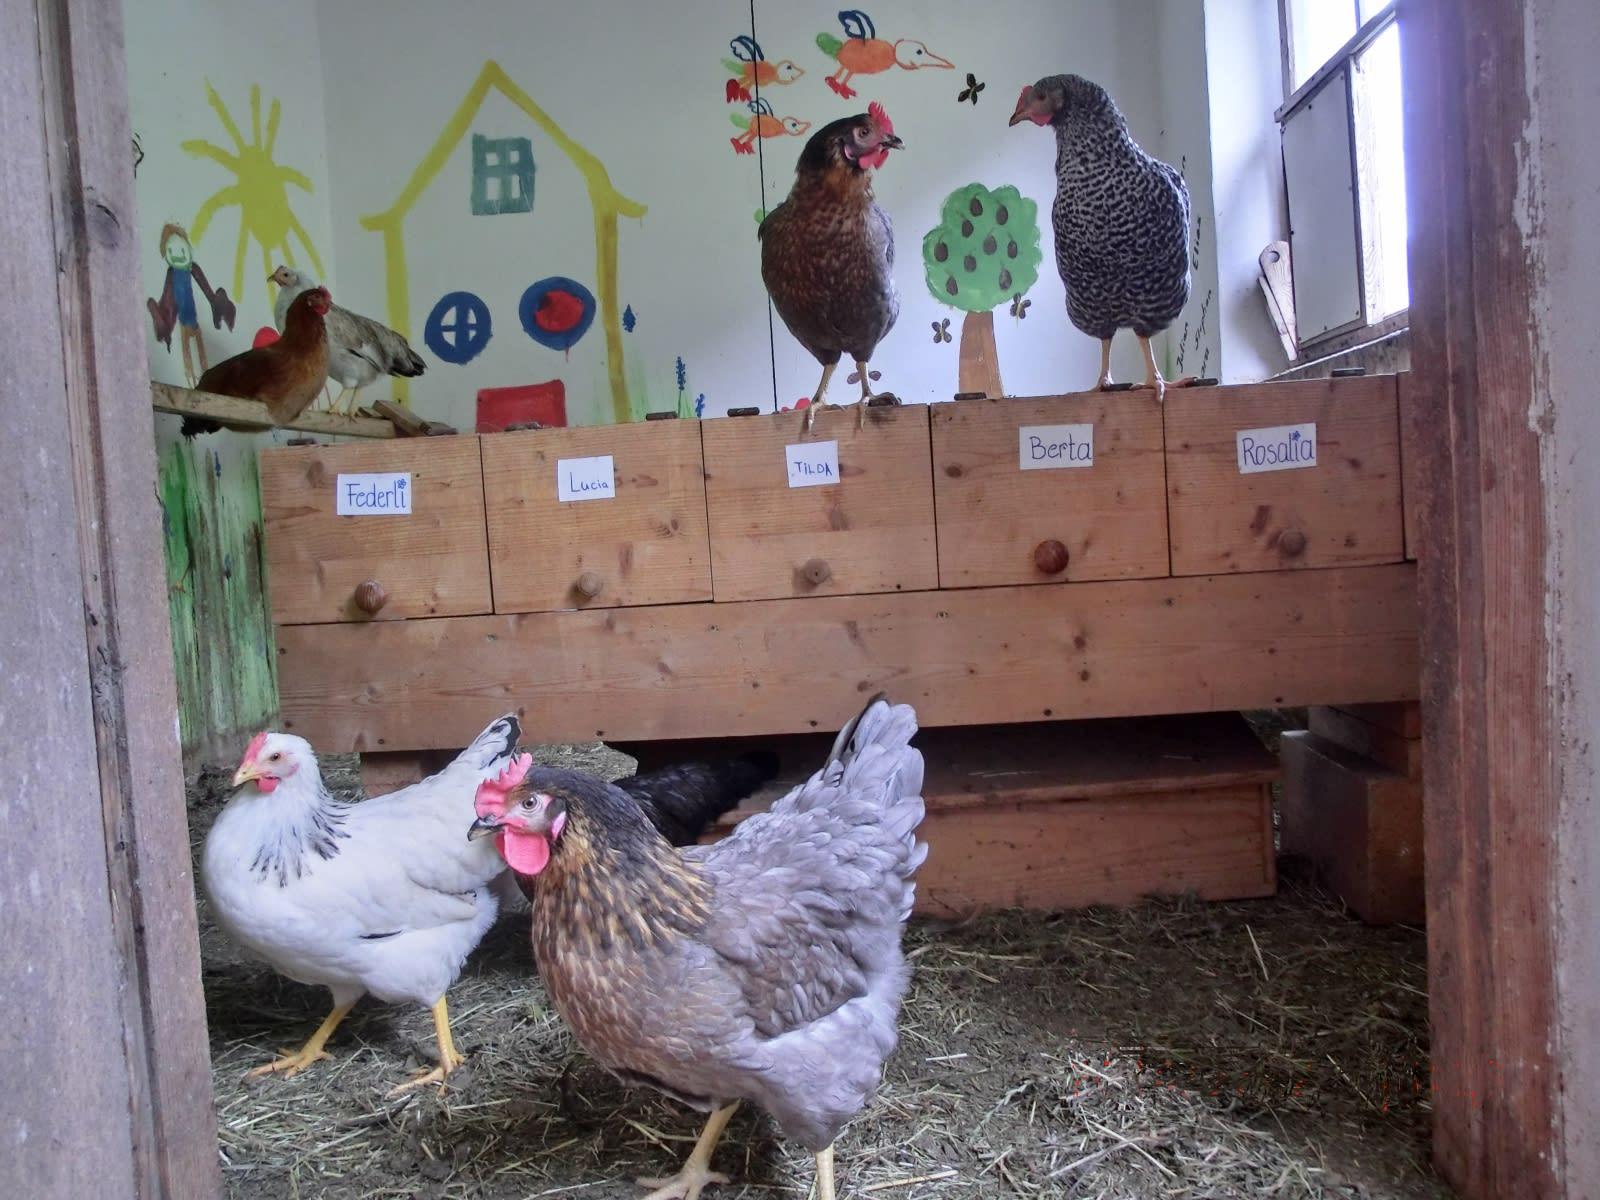 Die bunte Hühnerschar